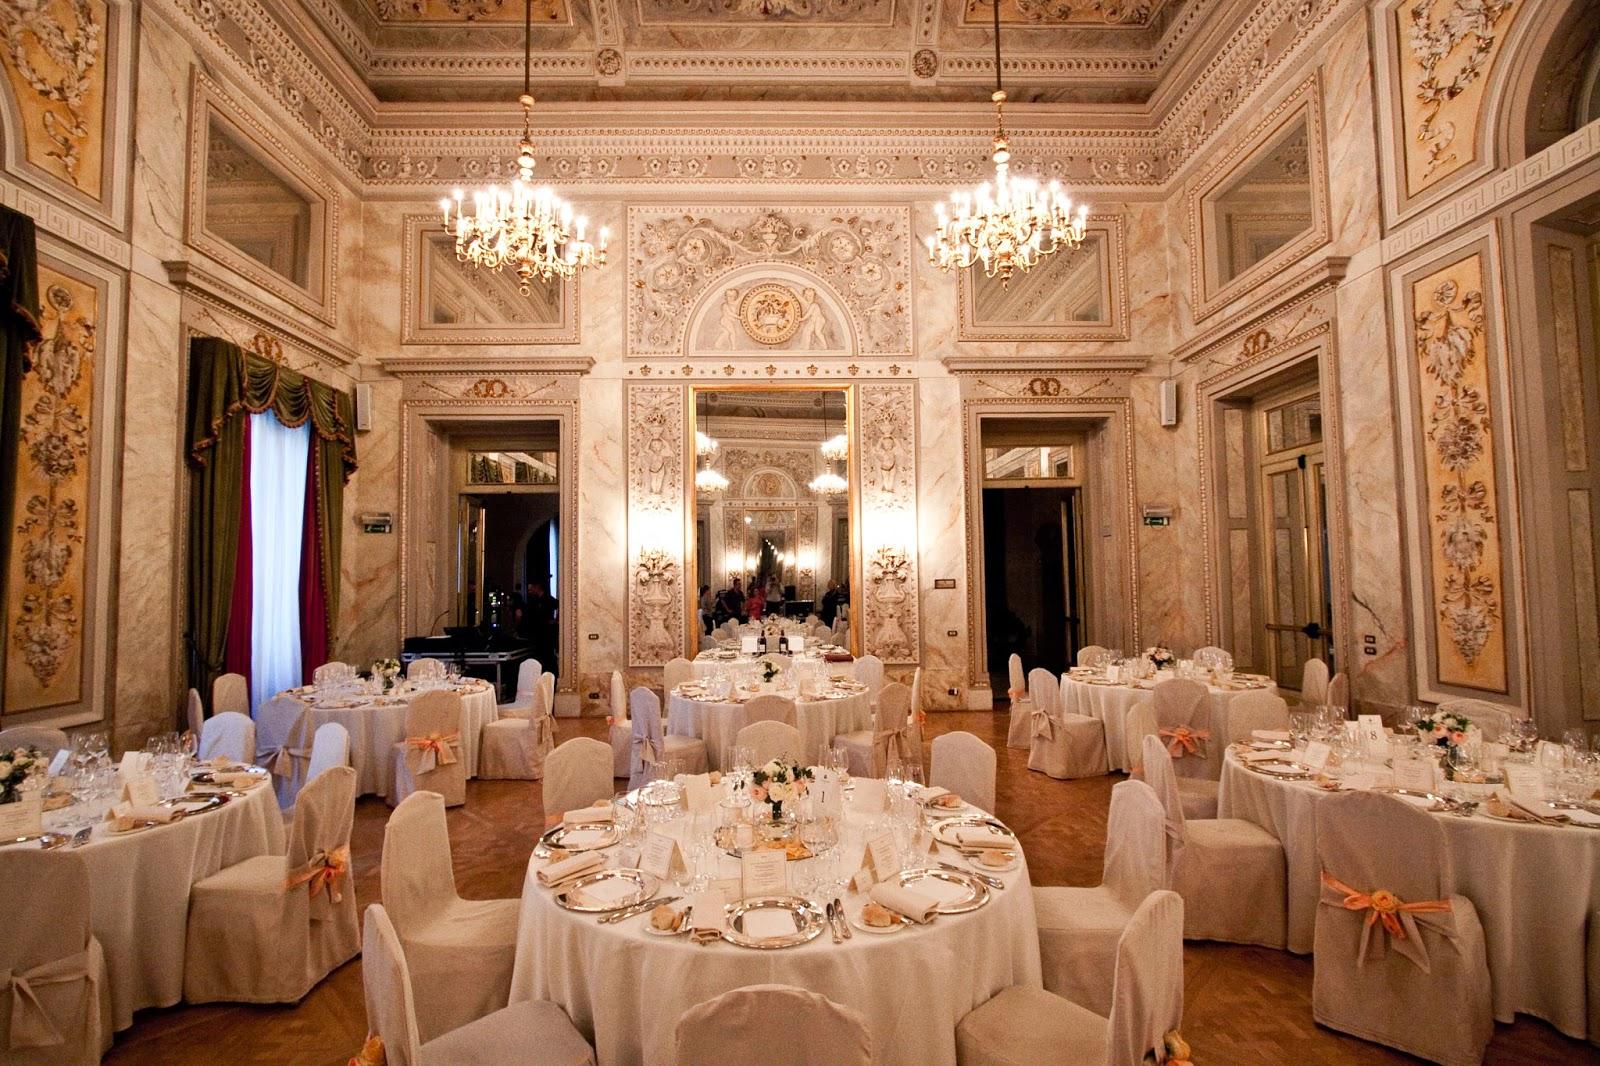 Luxury Wedding Themes - Wallpaper Kingdom